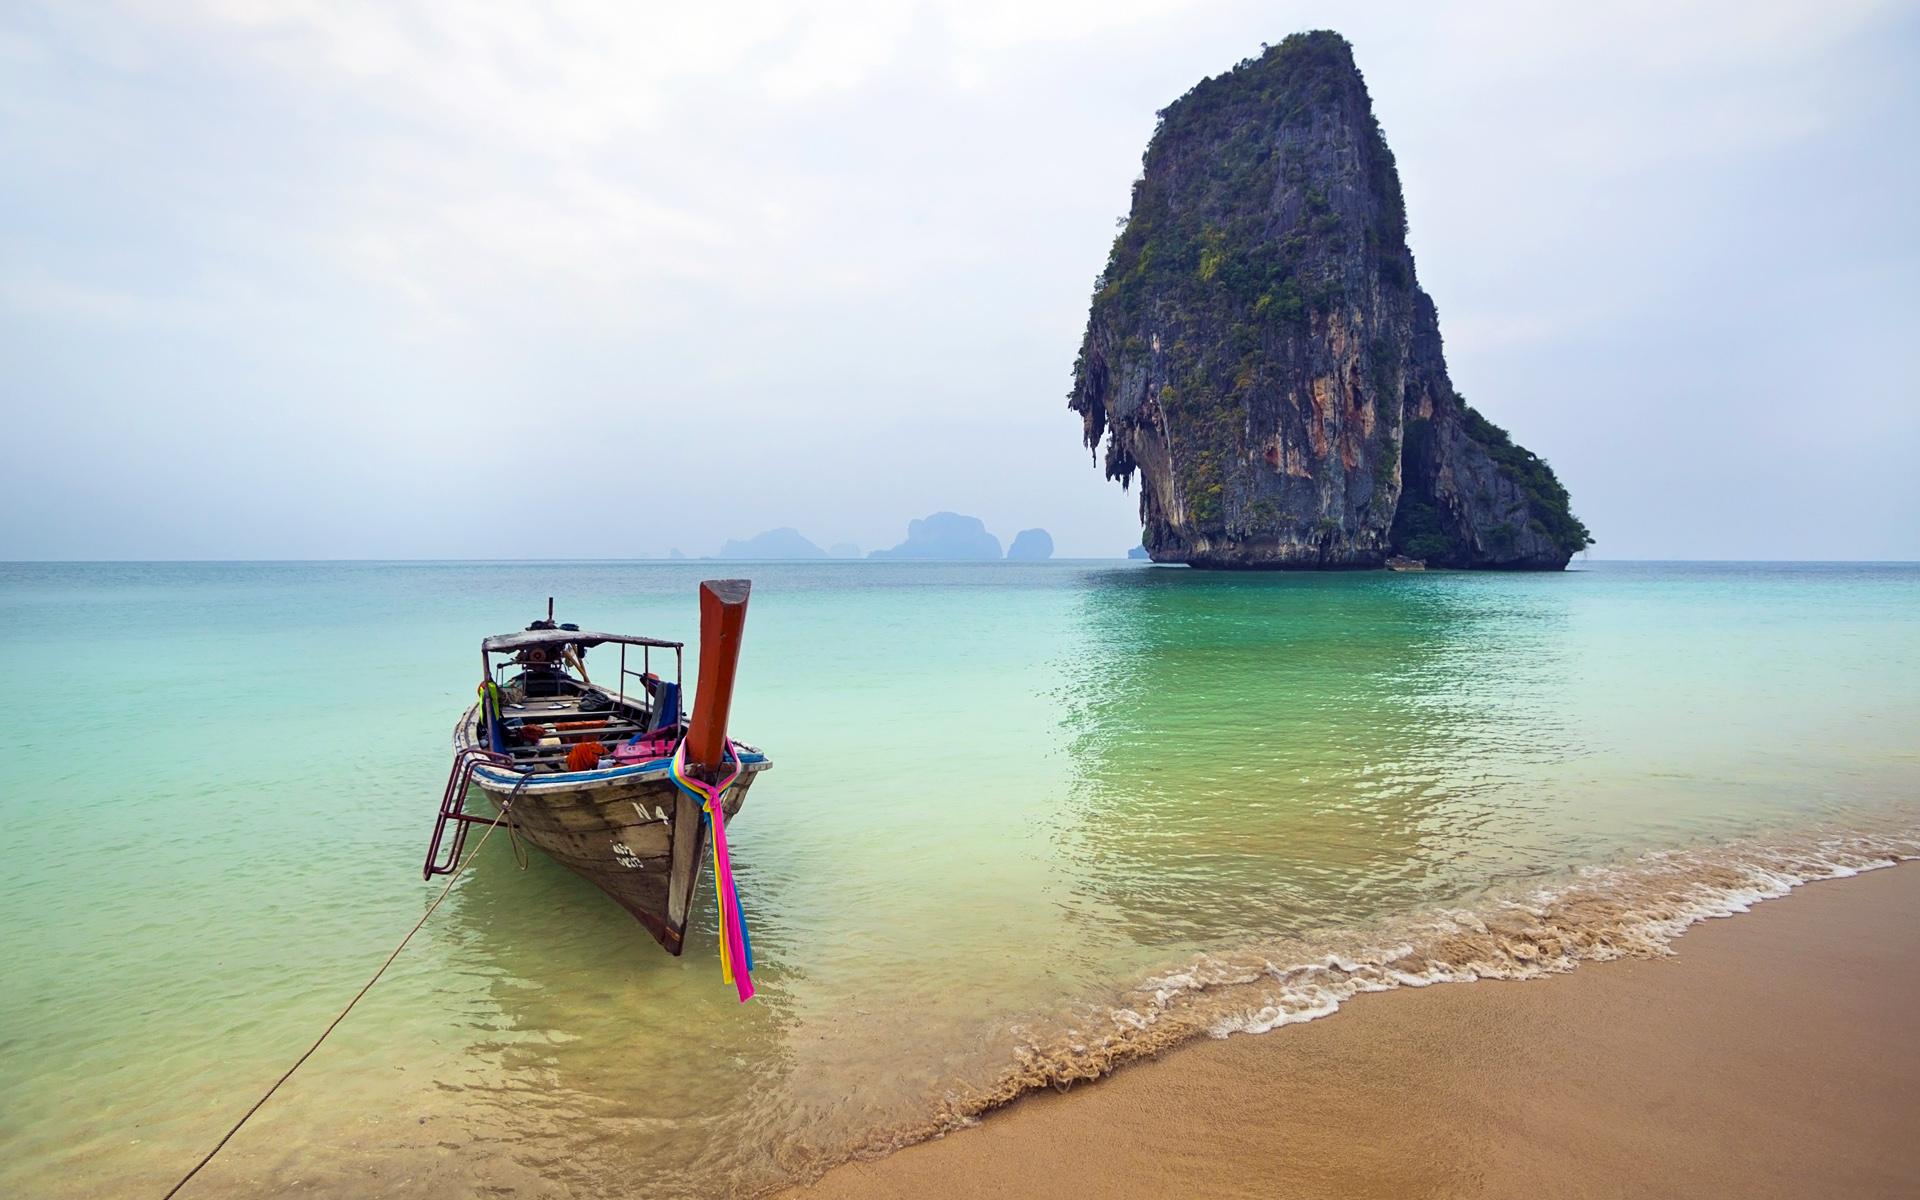 Railay Beach Thailand Desktop Wallpaper Widescreen l4w4g 1920x1200